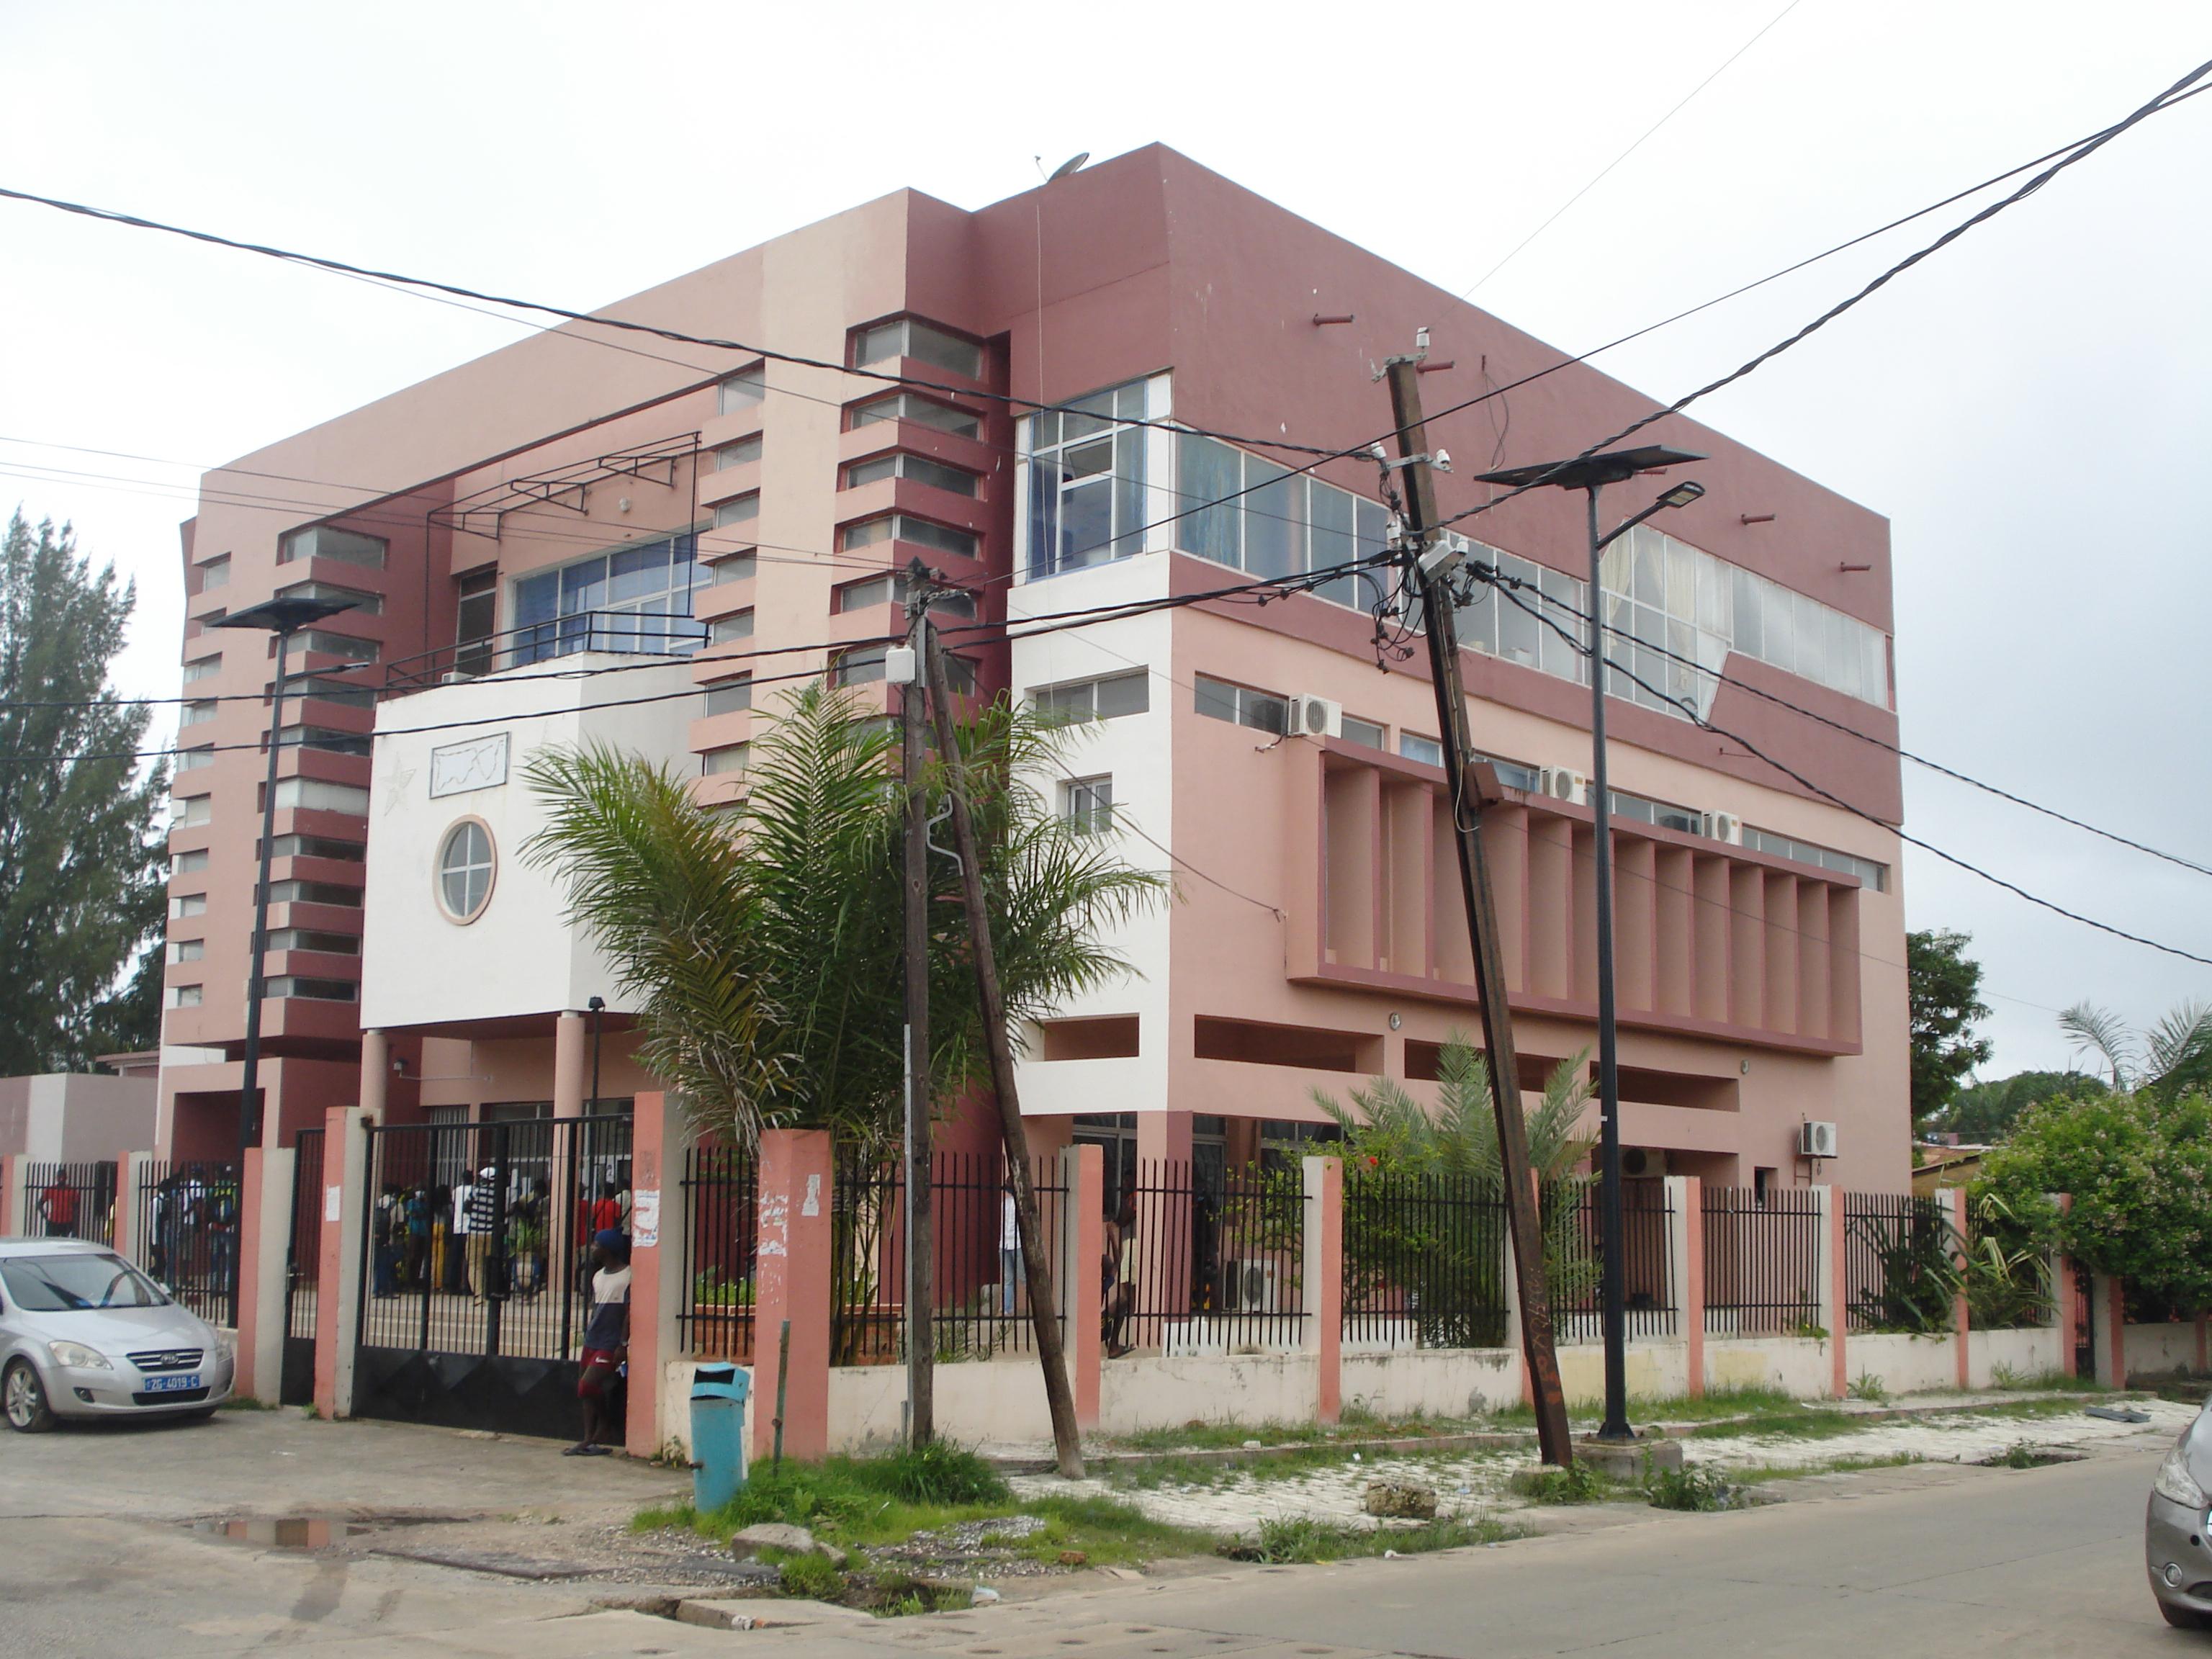 La mairie de Ziguinchor